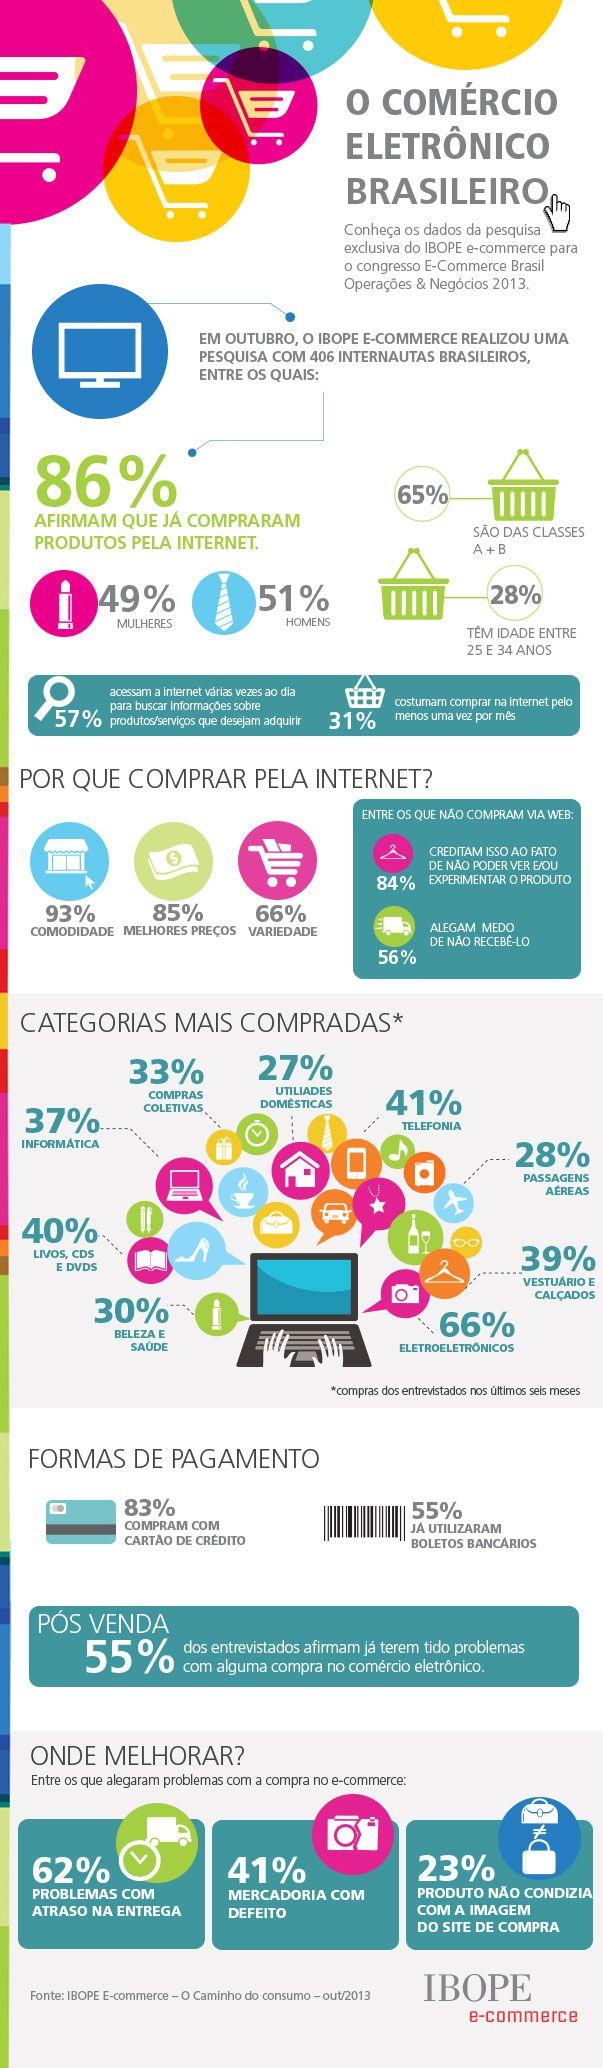 Infográfico feito pelo IBOPE mostrando dados sobre o E-Commerce brasileiro em 2013